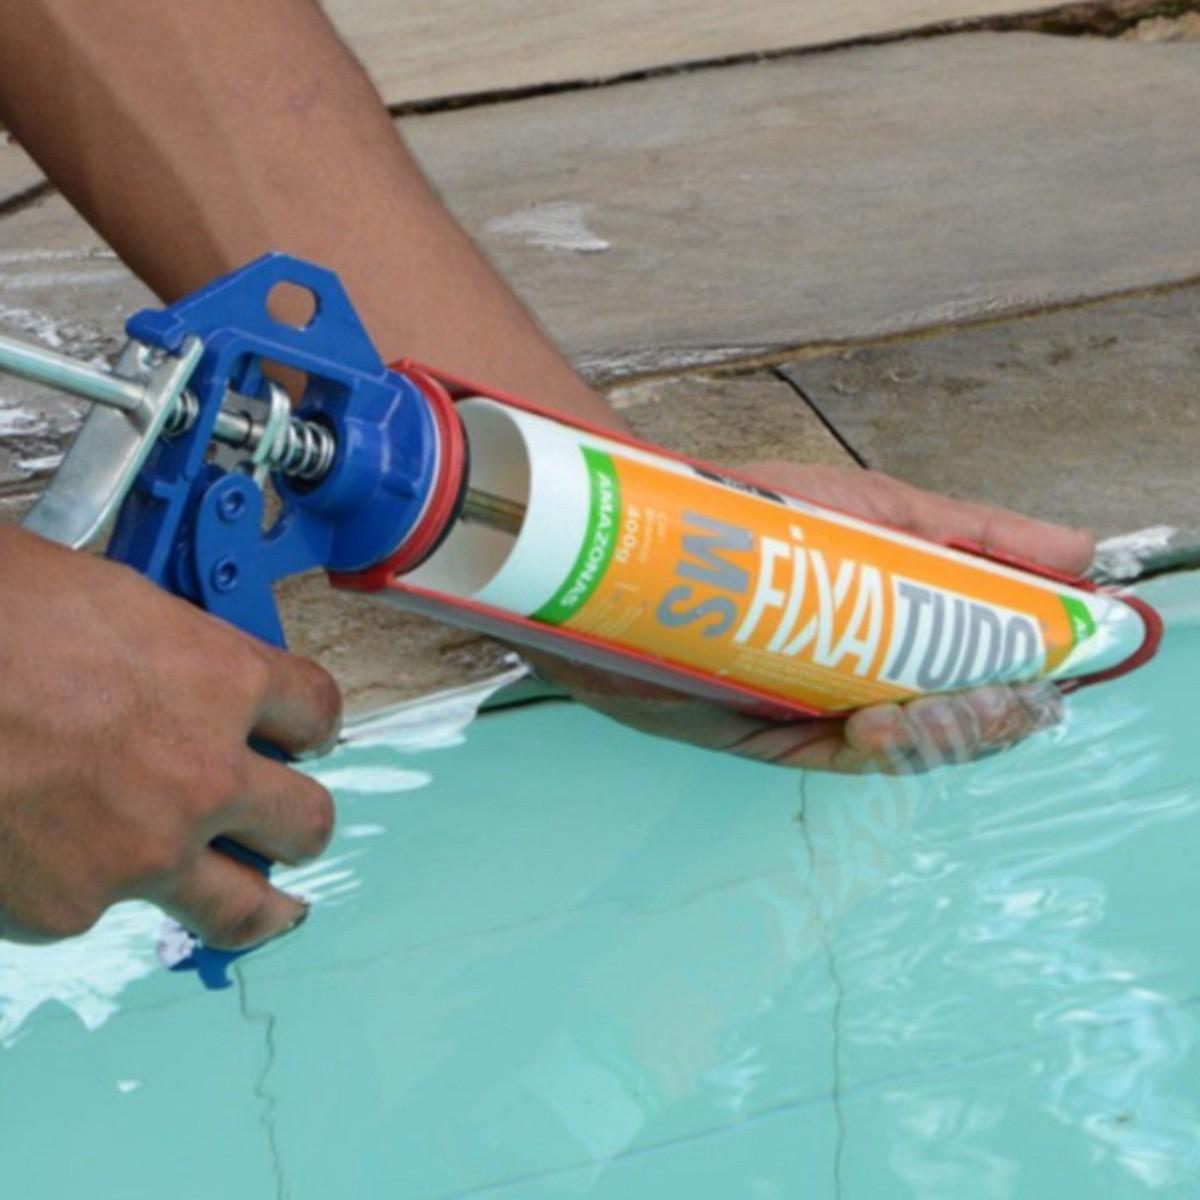 Kit 12 Cola Fixa Tudo Ms 400g Amazonas